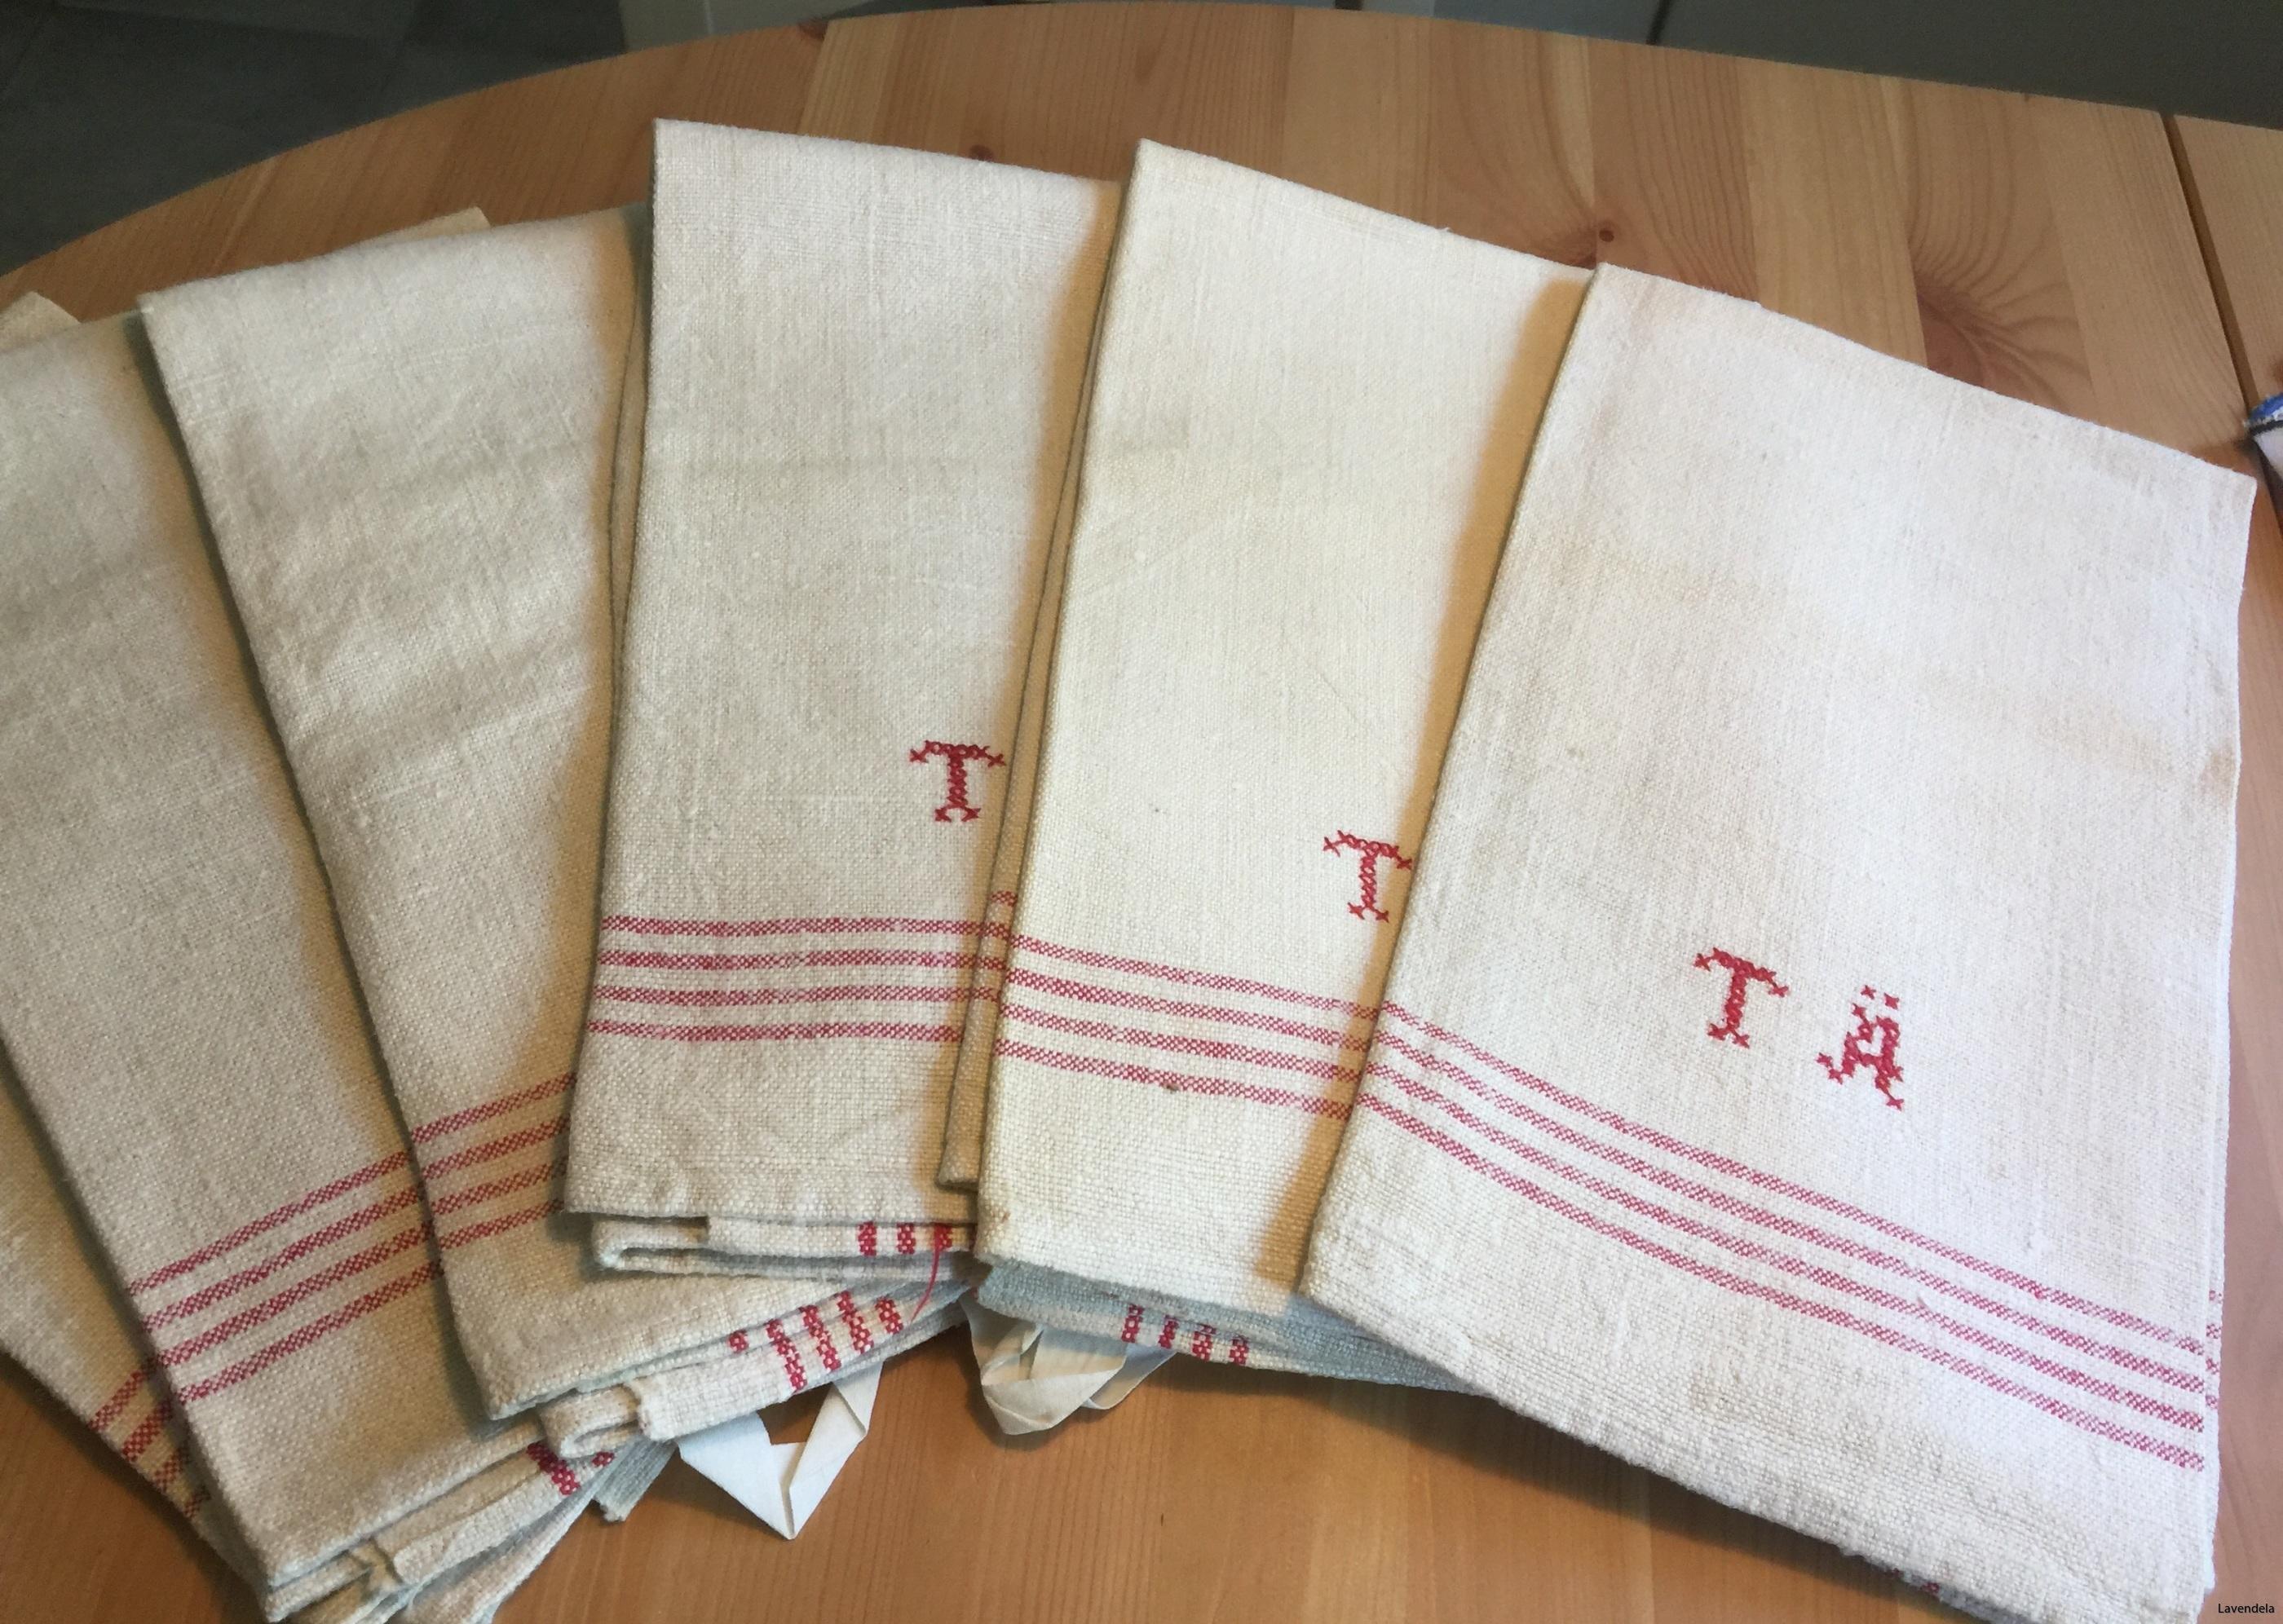 Sju handvävda handdukar